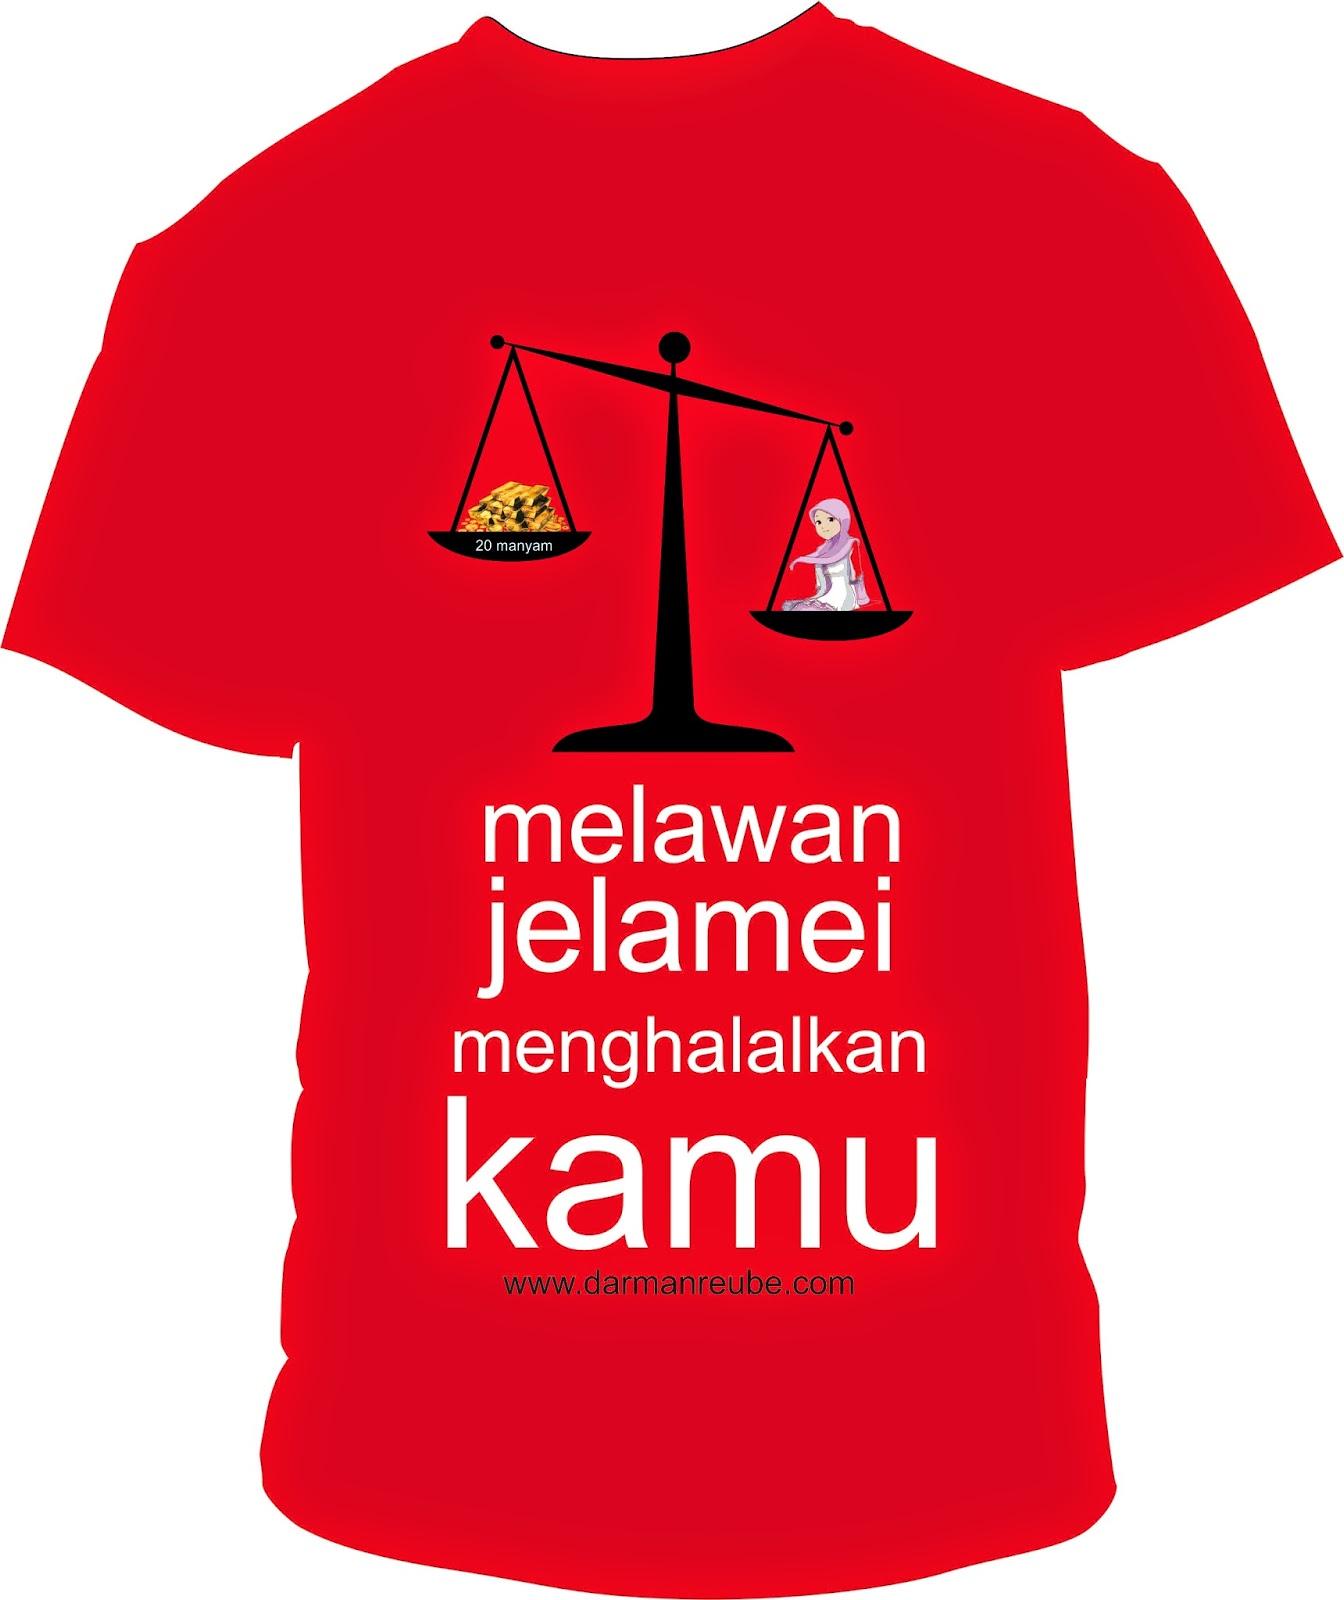 Jelamei